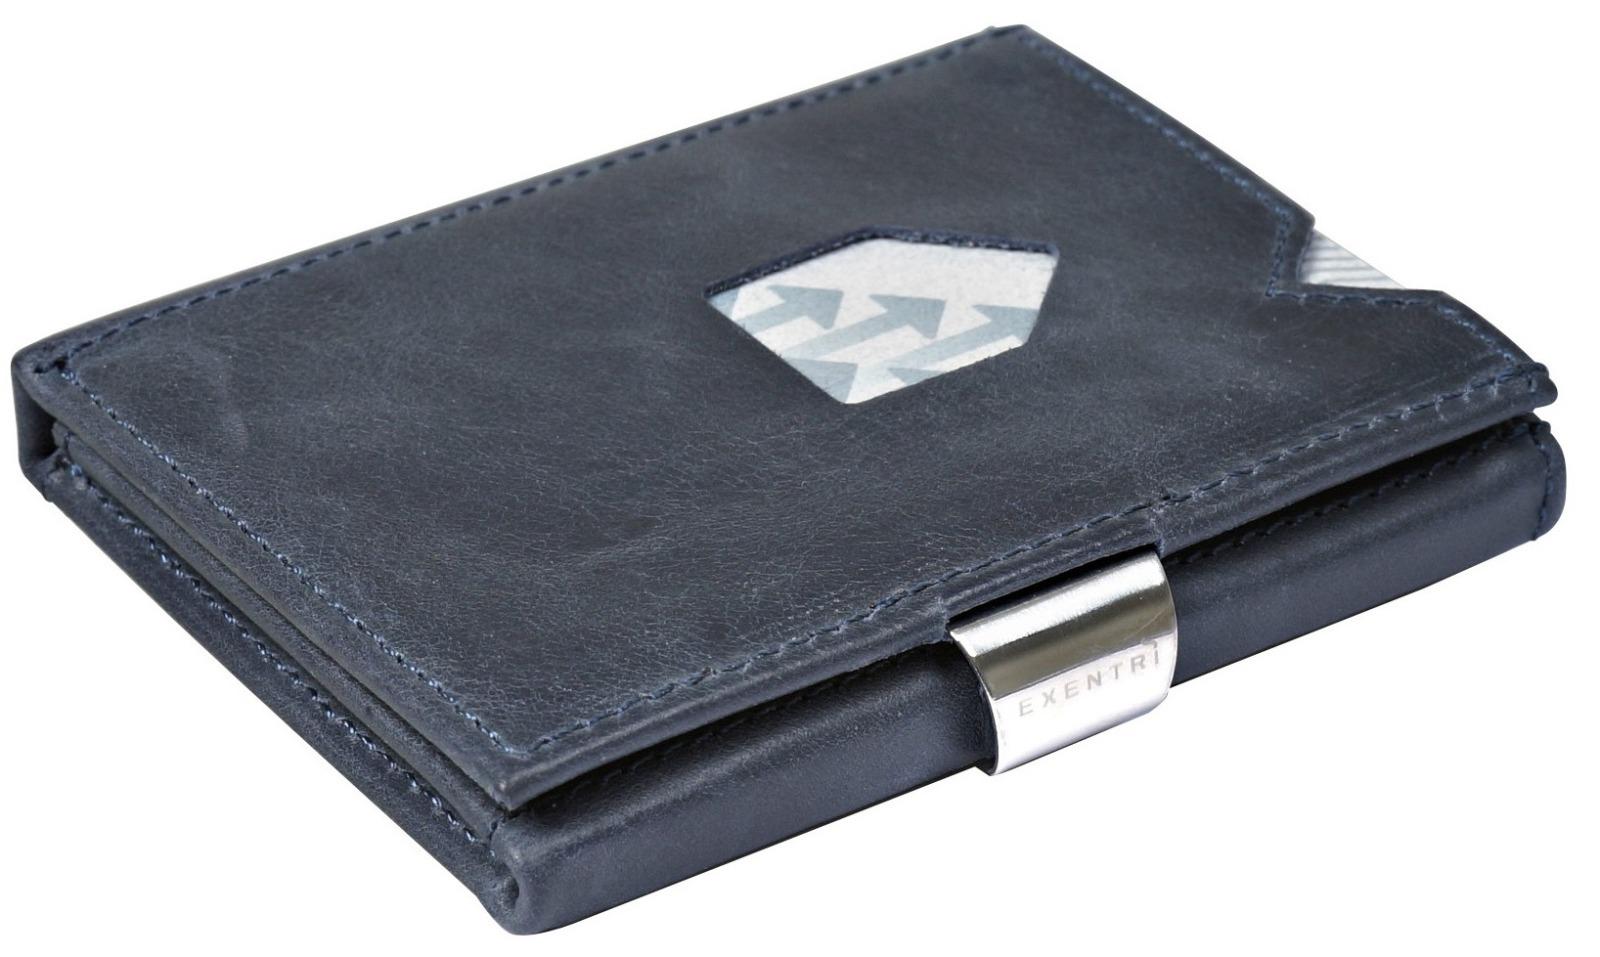 Exentri Wallet BLUE mit RFID-Schutz - 1